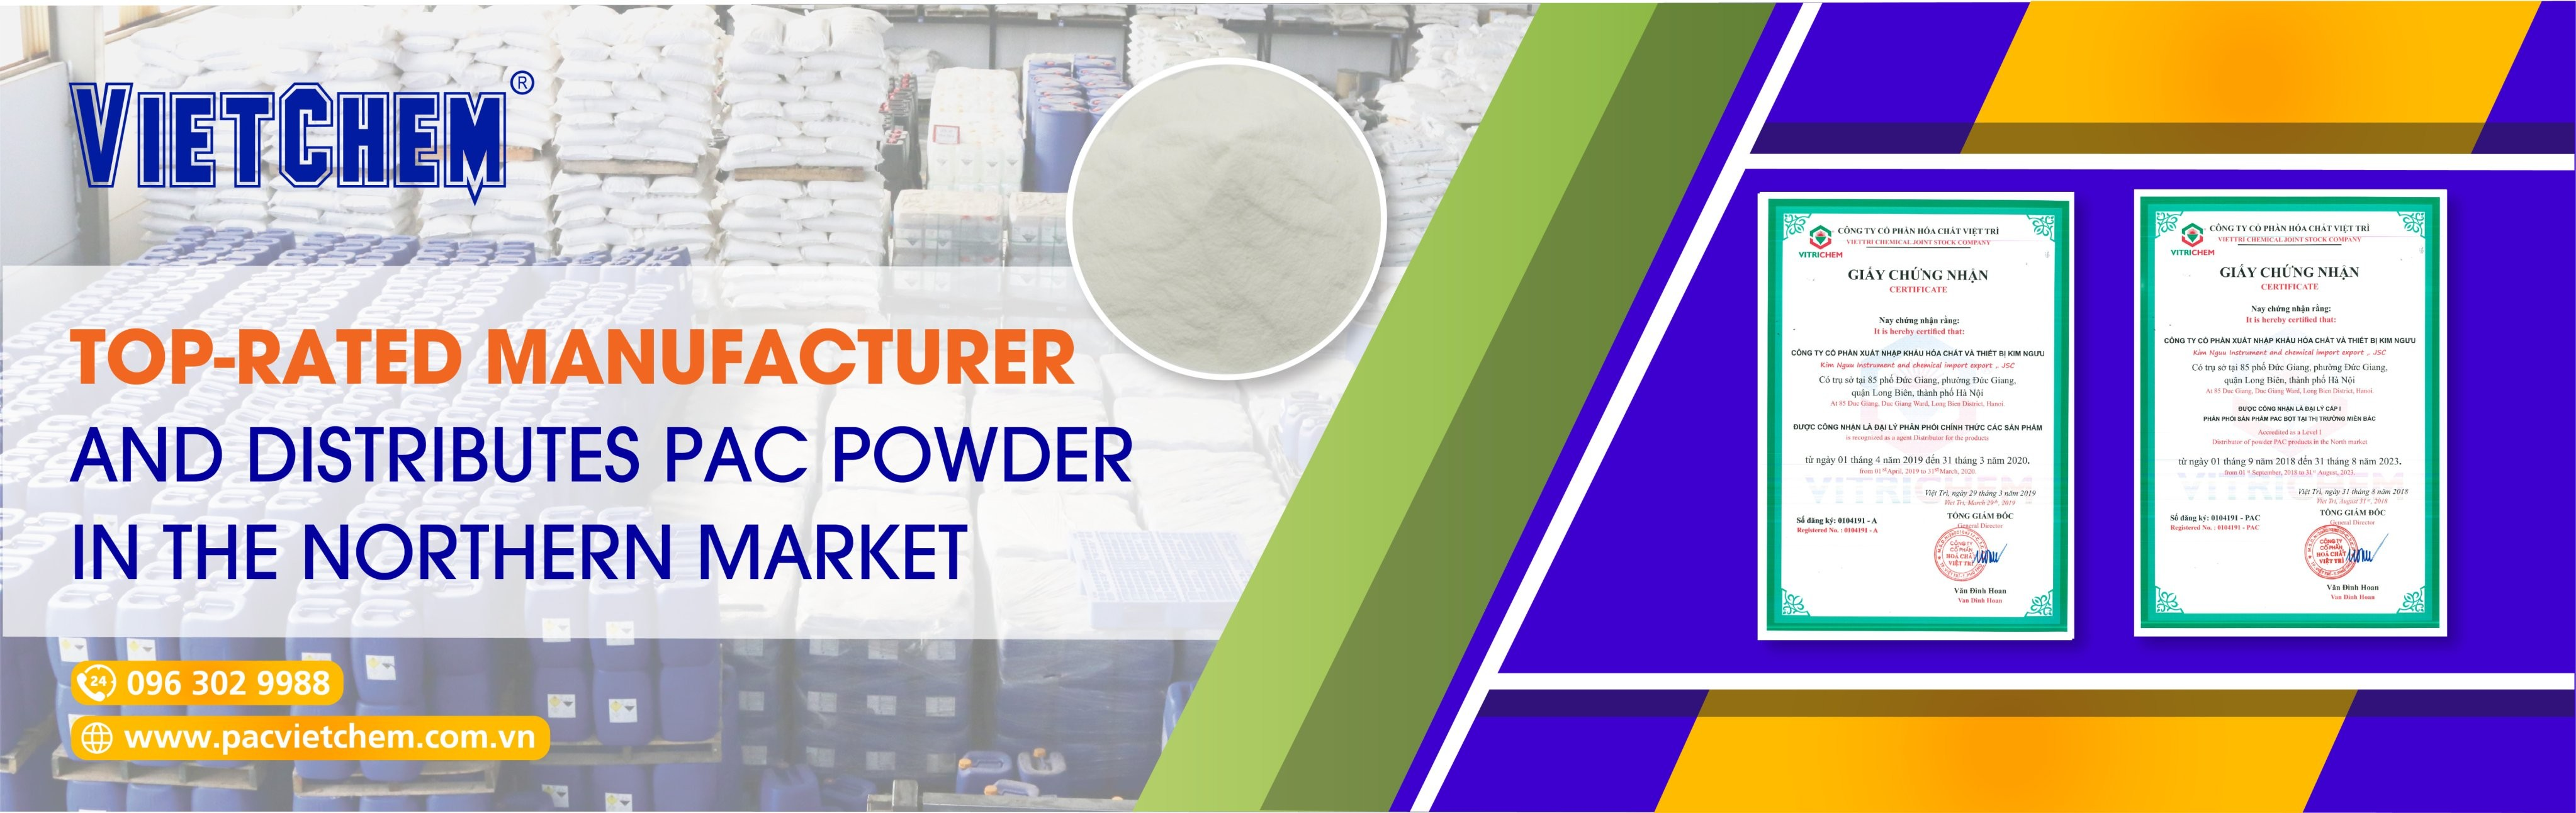 Đại lý cấp 1 phân phối PAC bột tại thị trường miền Bắc